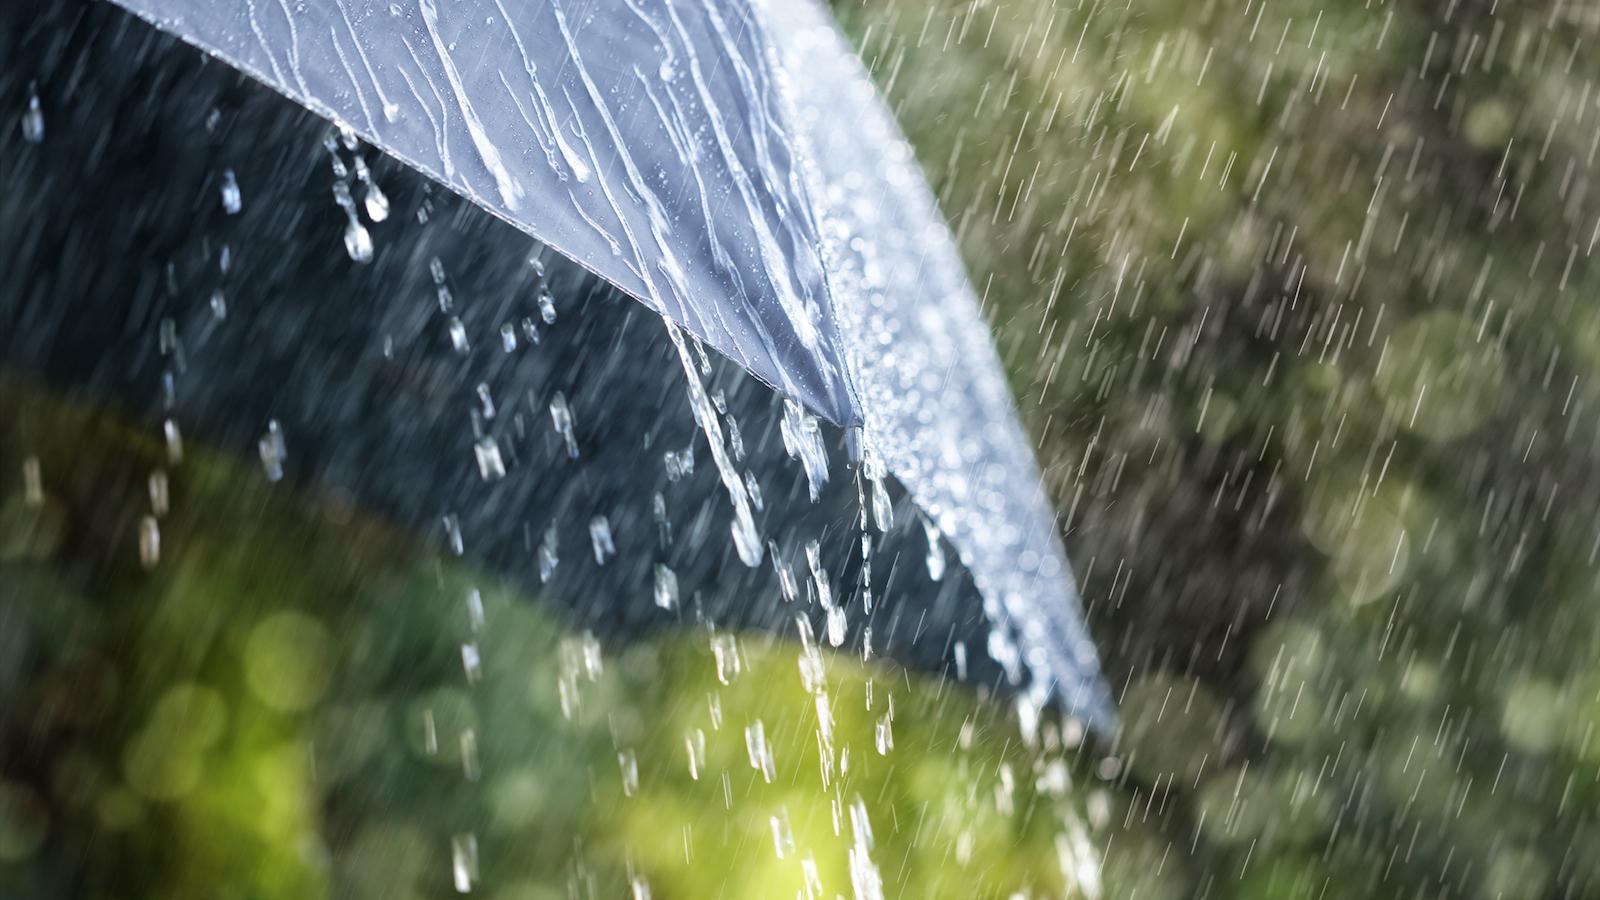 Kết quả hình ảnh cho rain